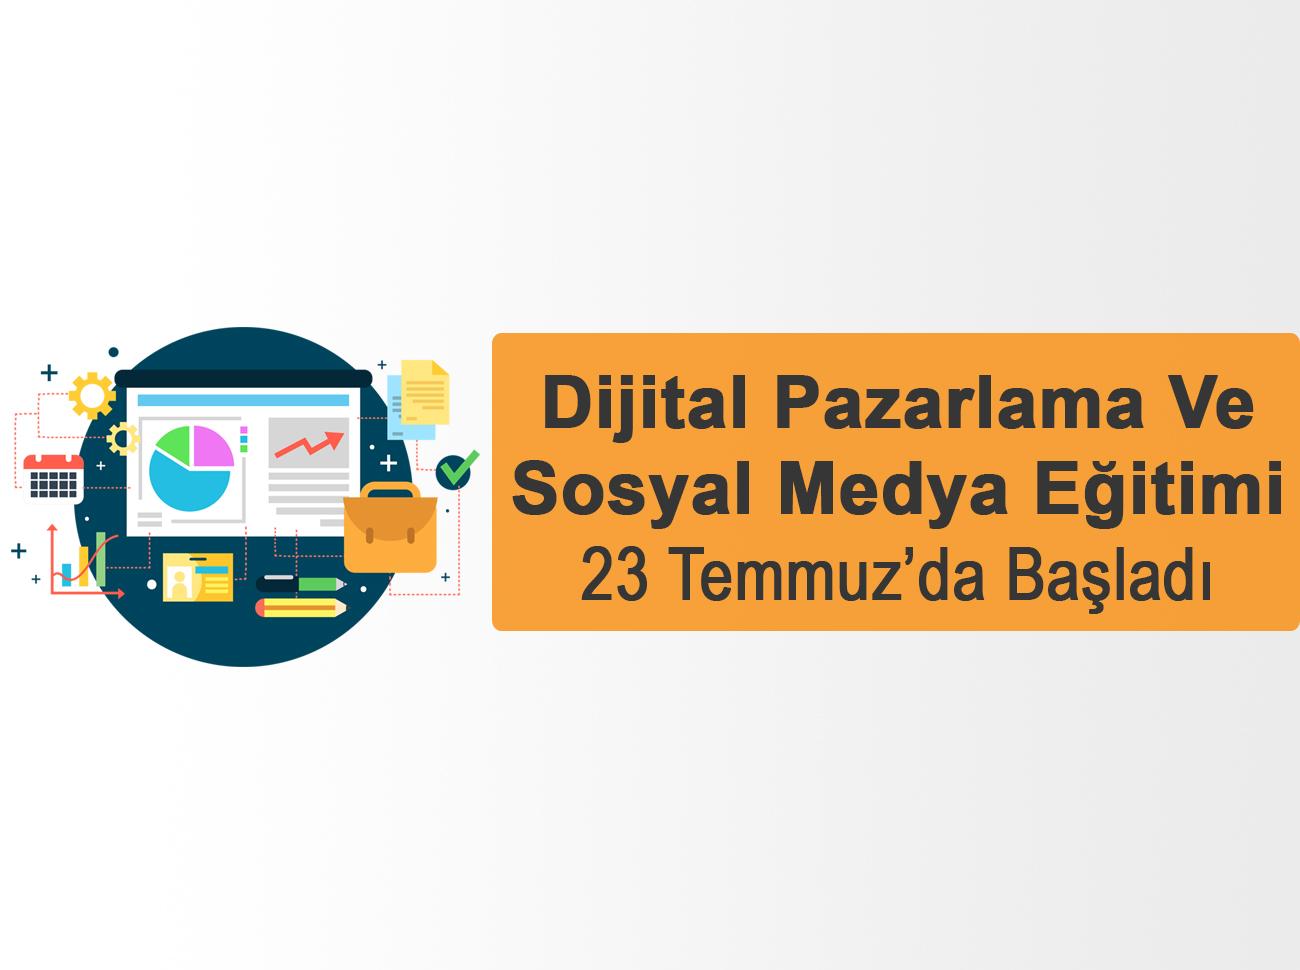 Branding Türkiye Yazarlarından Dijital Pazarlama Ve Sosyal Medya Eğitimi